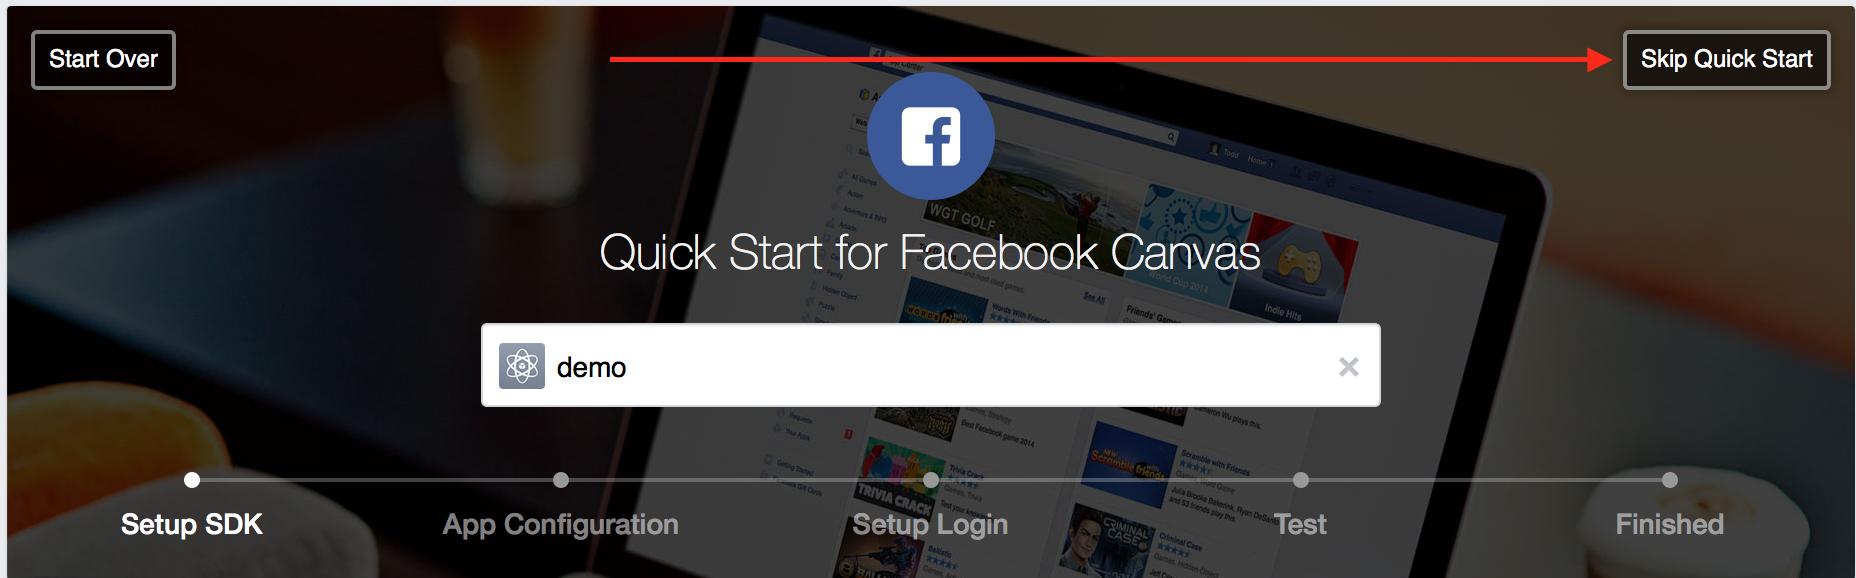 skip quickstart Screenshot 2016-06-14 11.18.51.png